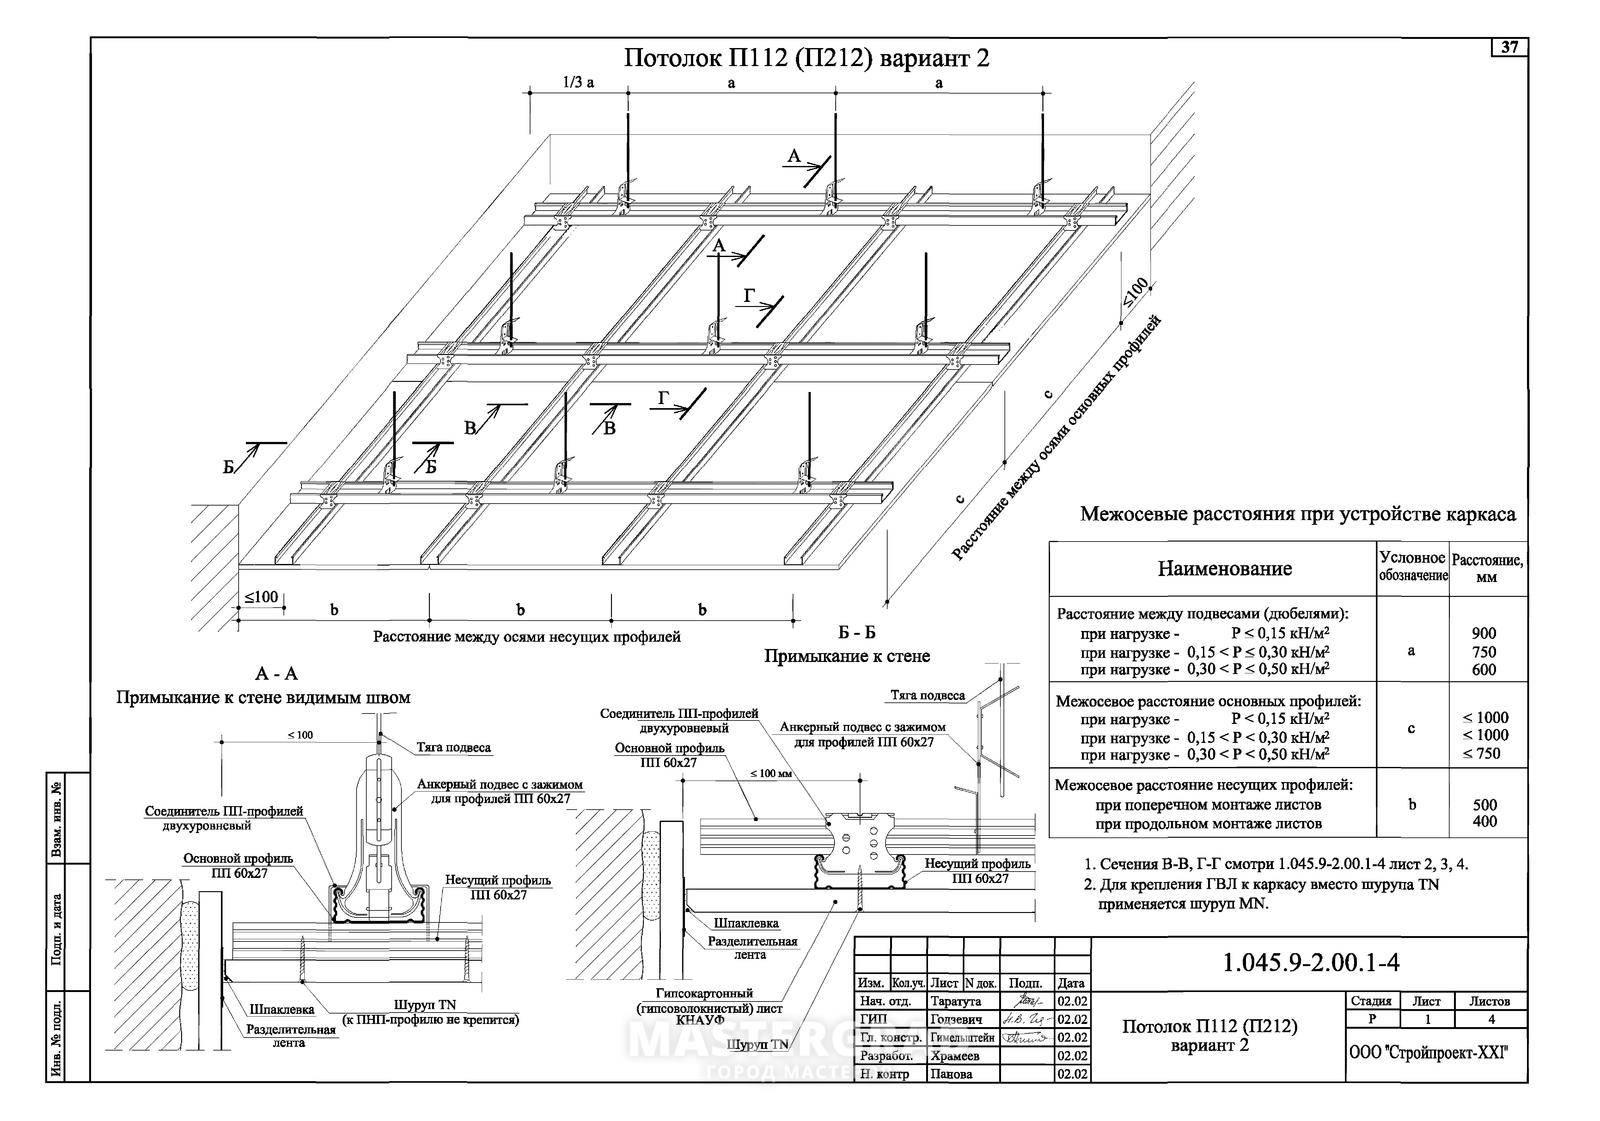 Каркас для гипсокартона на потолок: монтаж каркаса потолка из профиля под гипсокартон, как сделать правильный каркас из металлопрофиля, установка